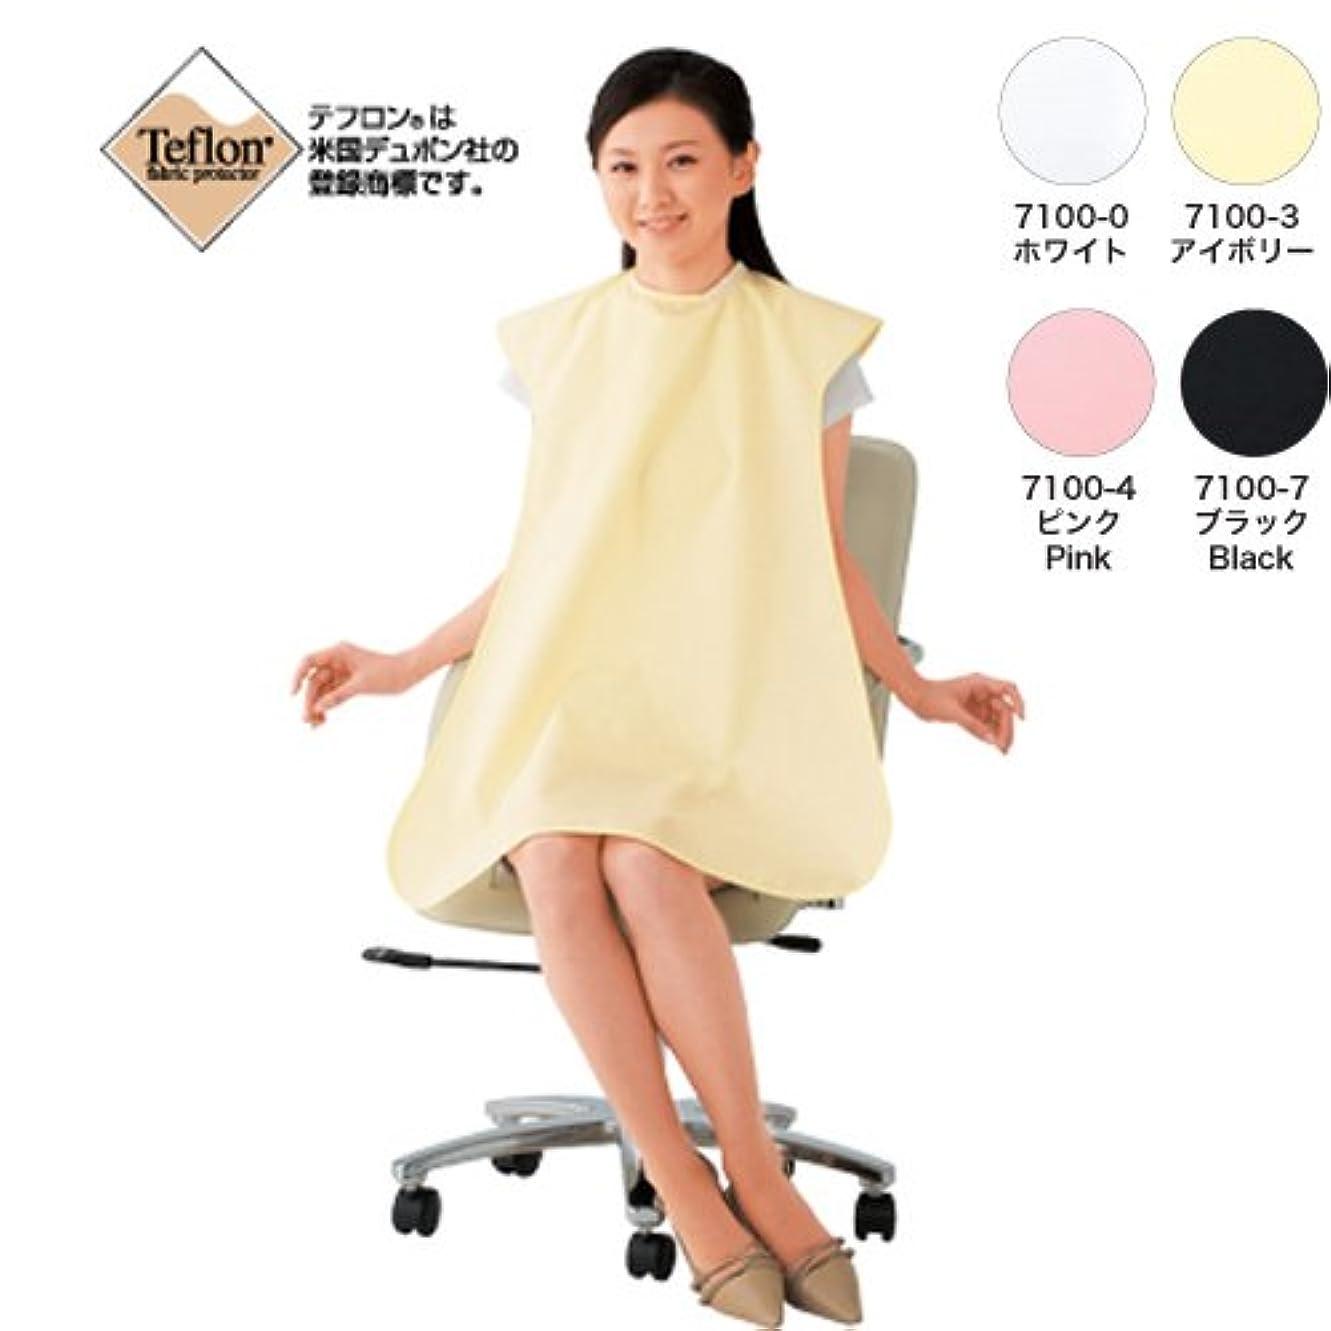 ヒール同僚折ワコウ メイクアップケープ 超撥水タイプ ピンク 7100-4